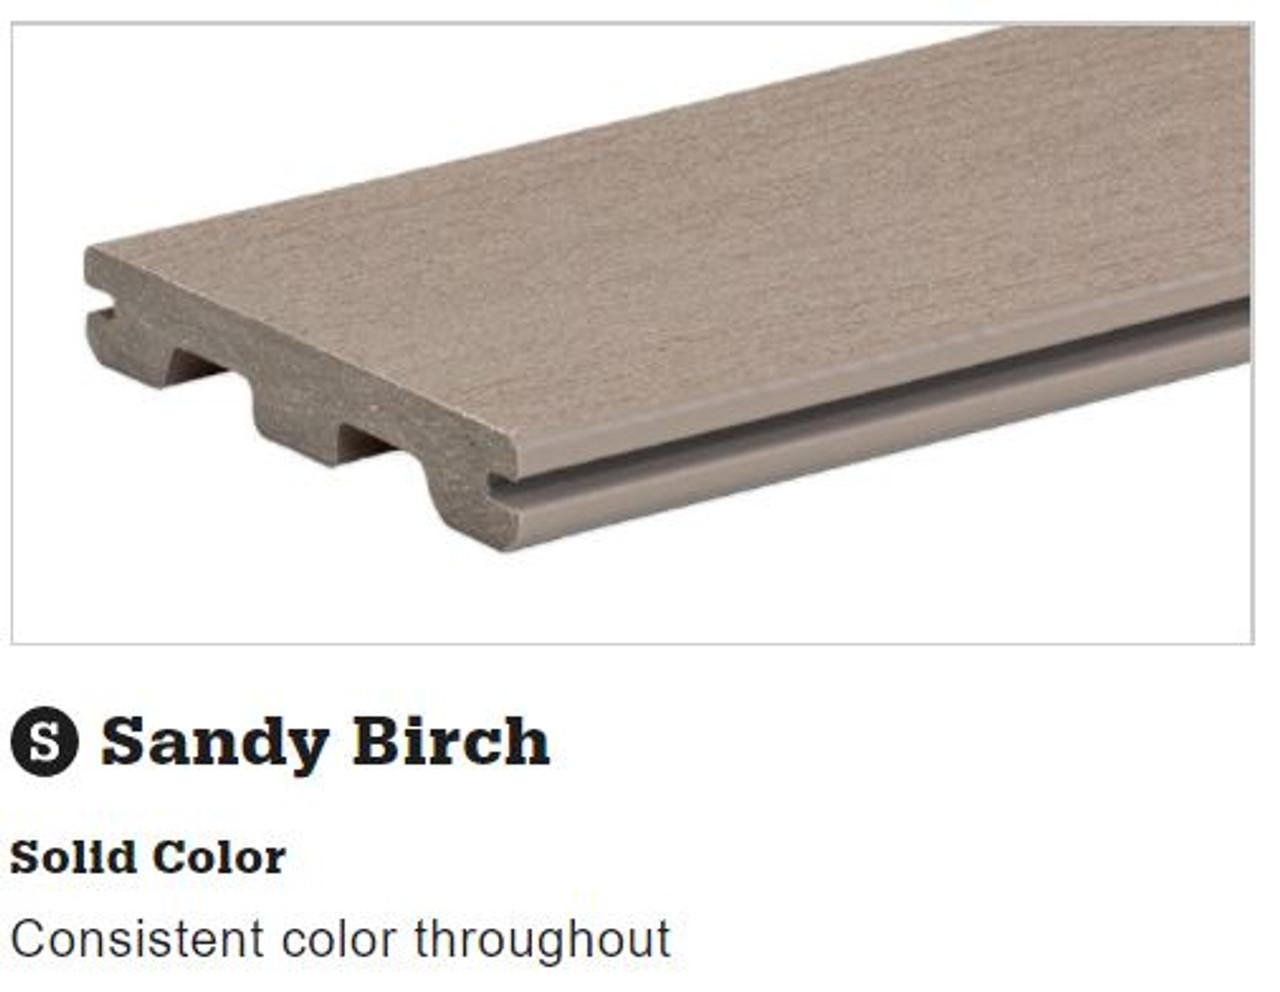 TimberTech Terrain Sandy Birch Grooved Decking